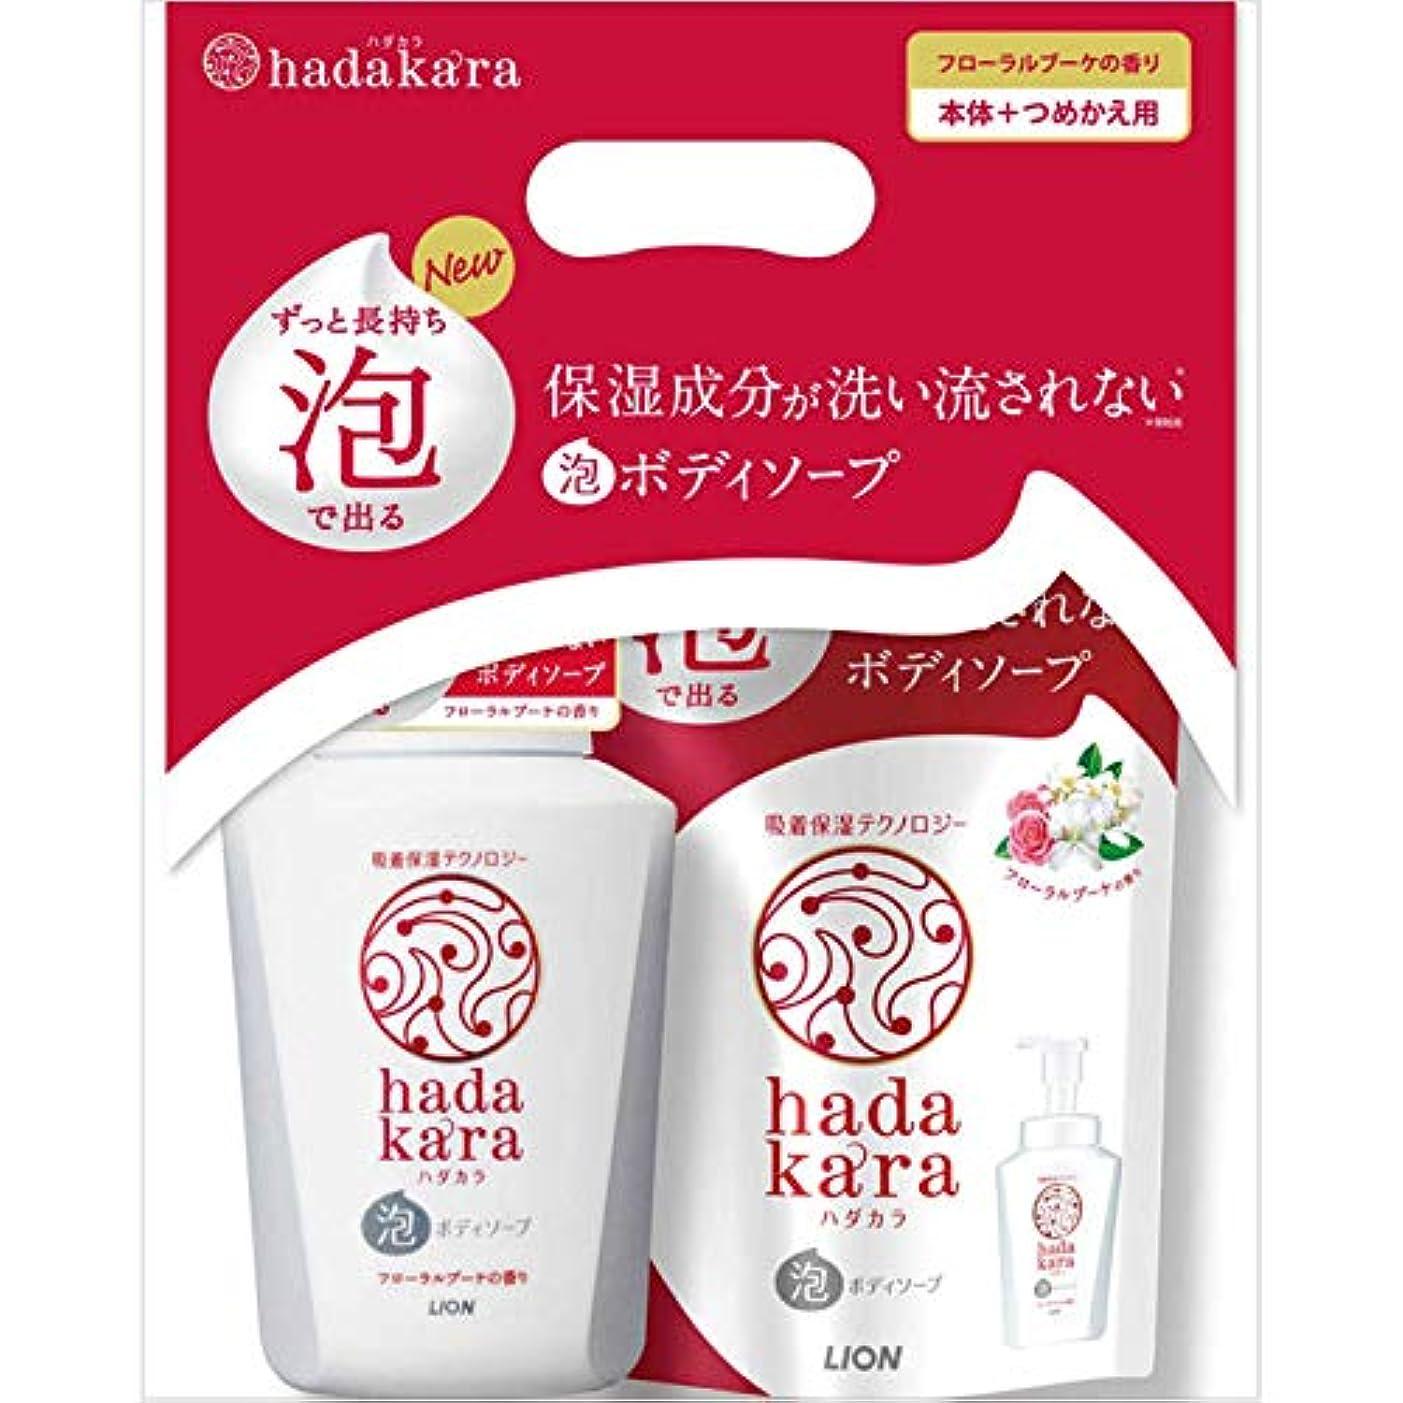 ダルセットトリッキー苗ライオン hadakara泡タイプ 本体+詰替ペアパック フローラルブーケの香り セット